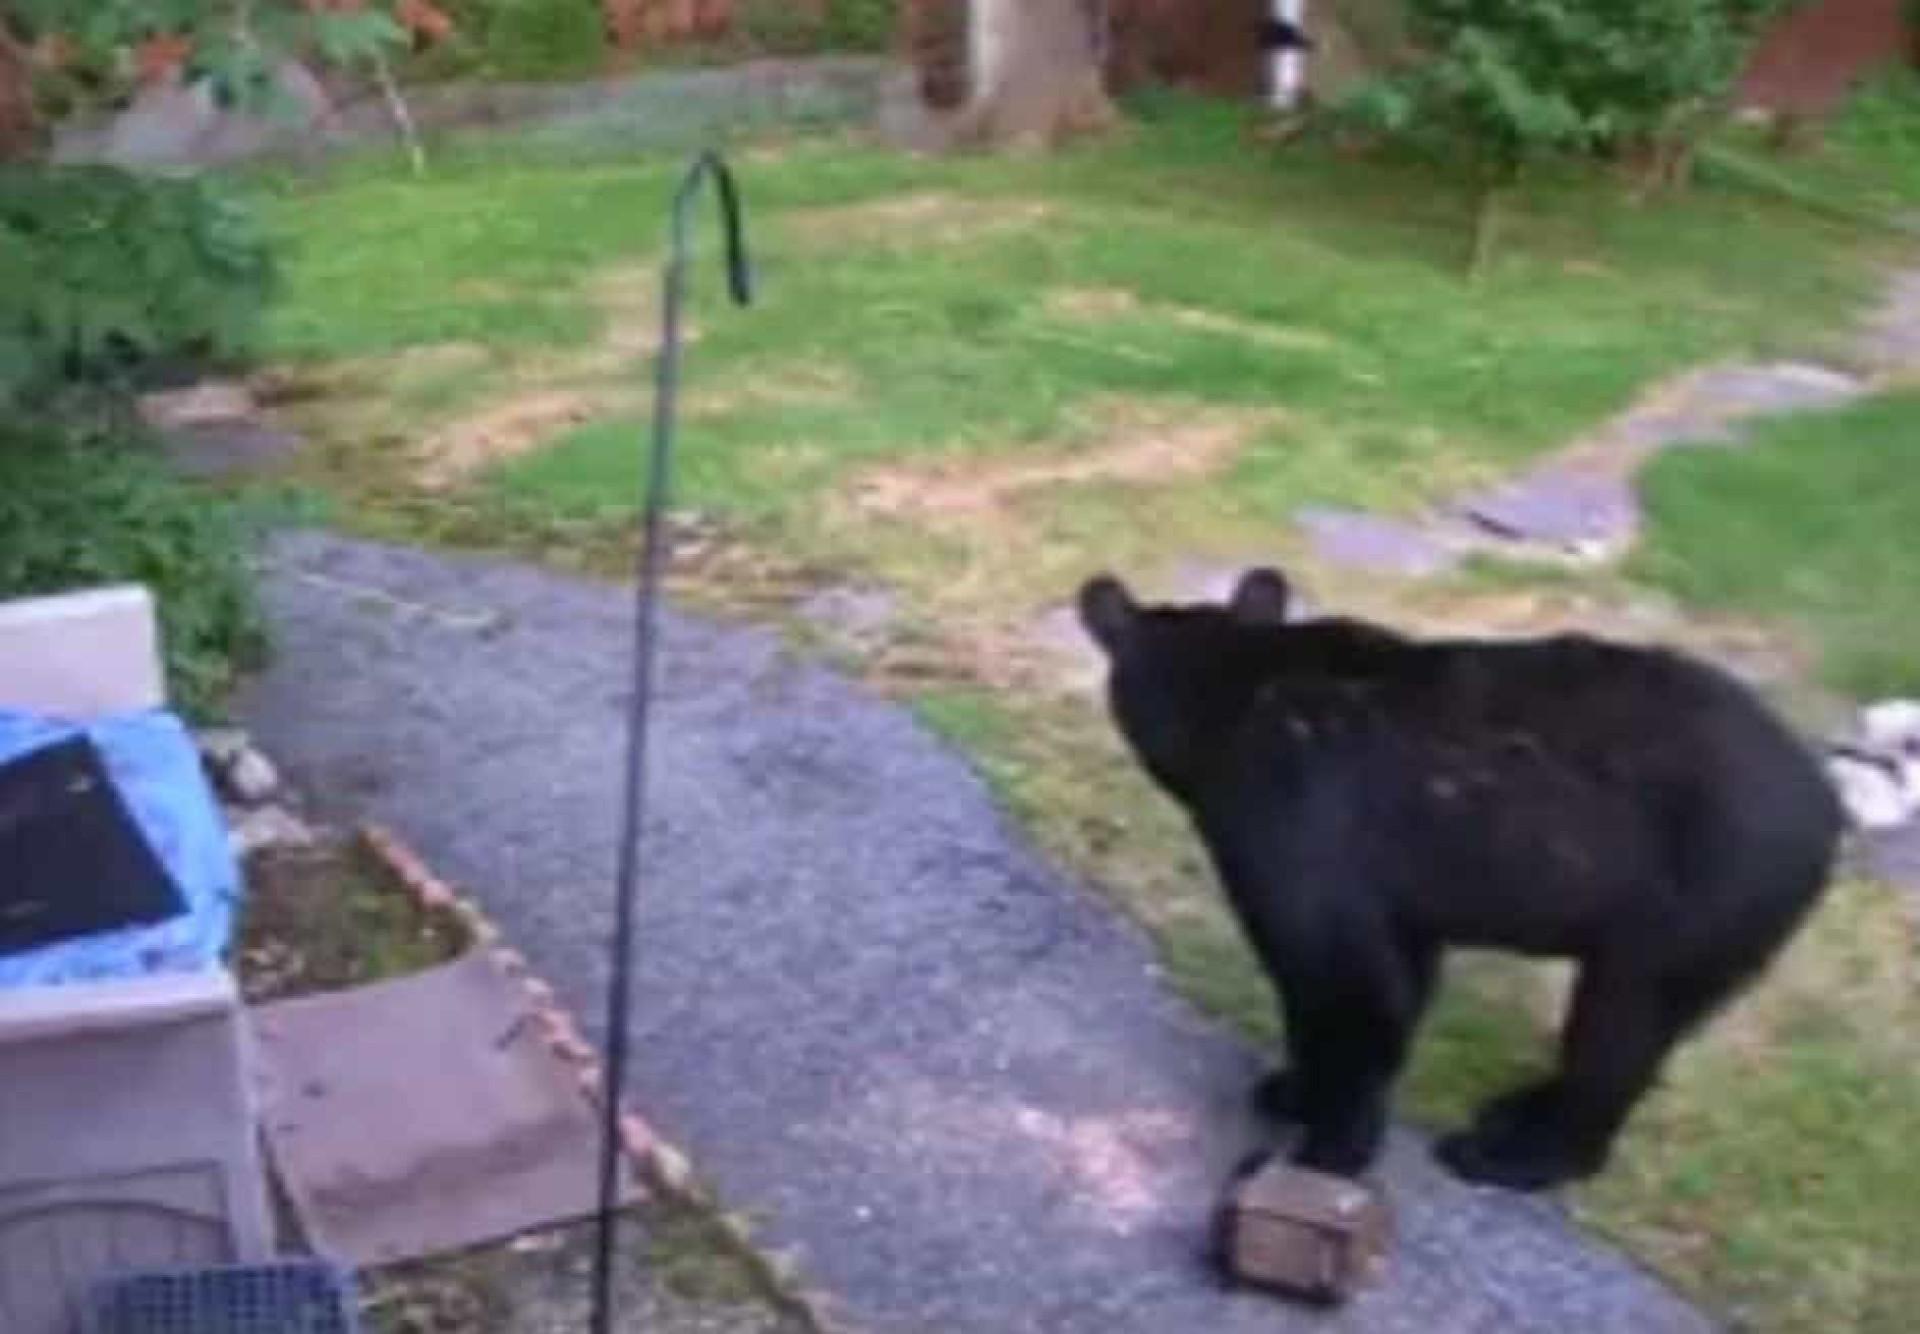 Cão valente afugenta urso de quintal do vizinho em New Jersey